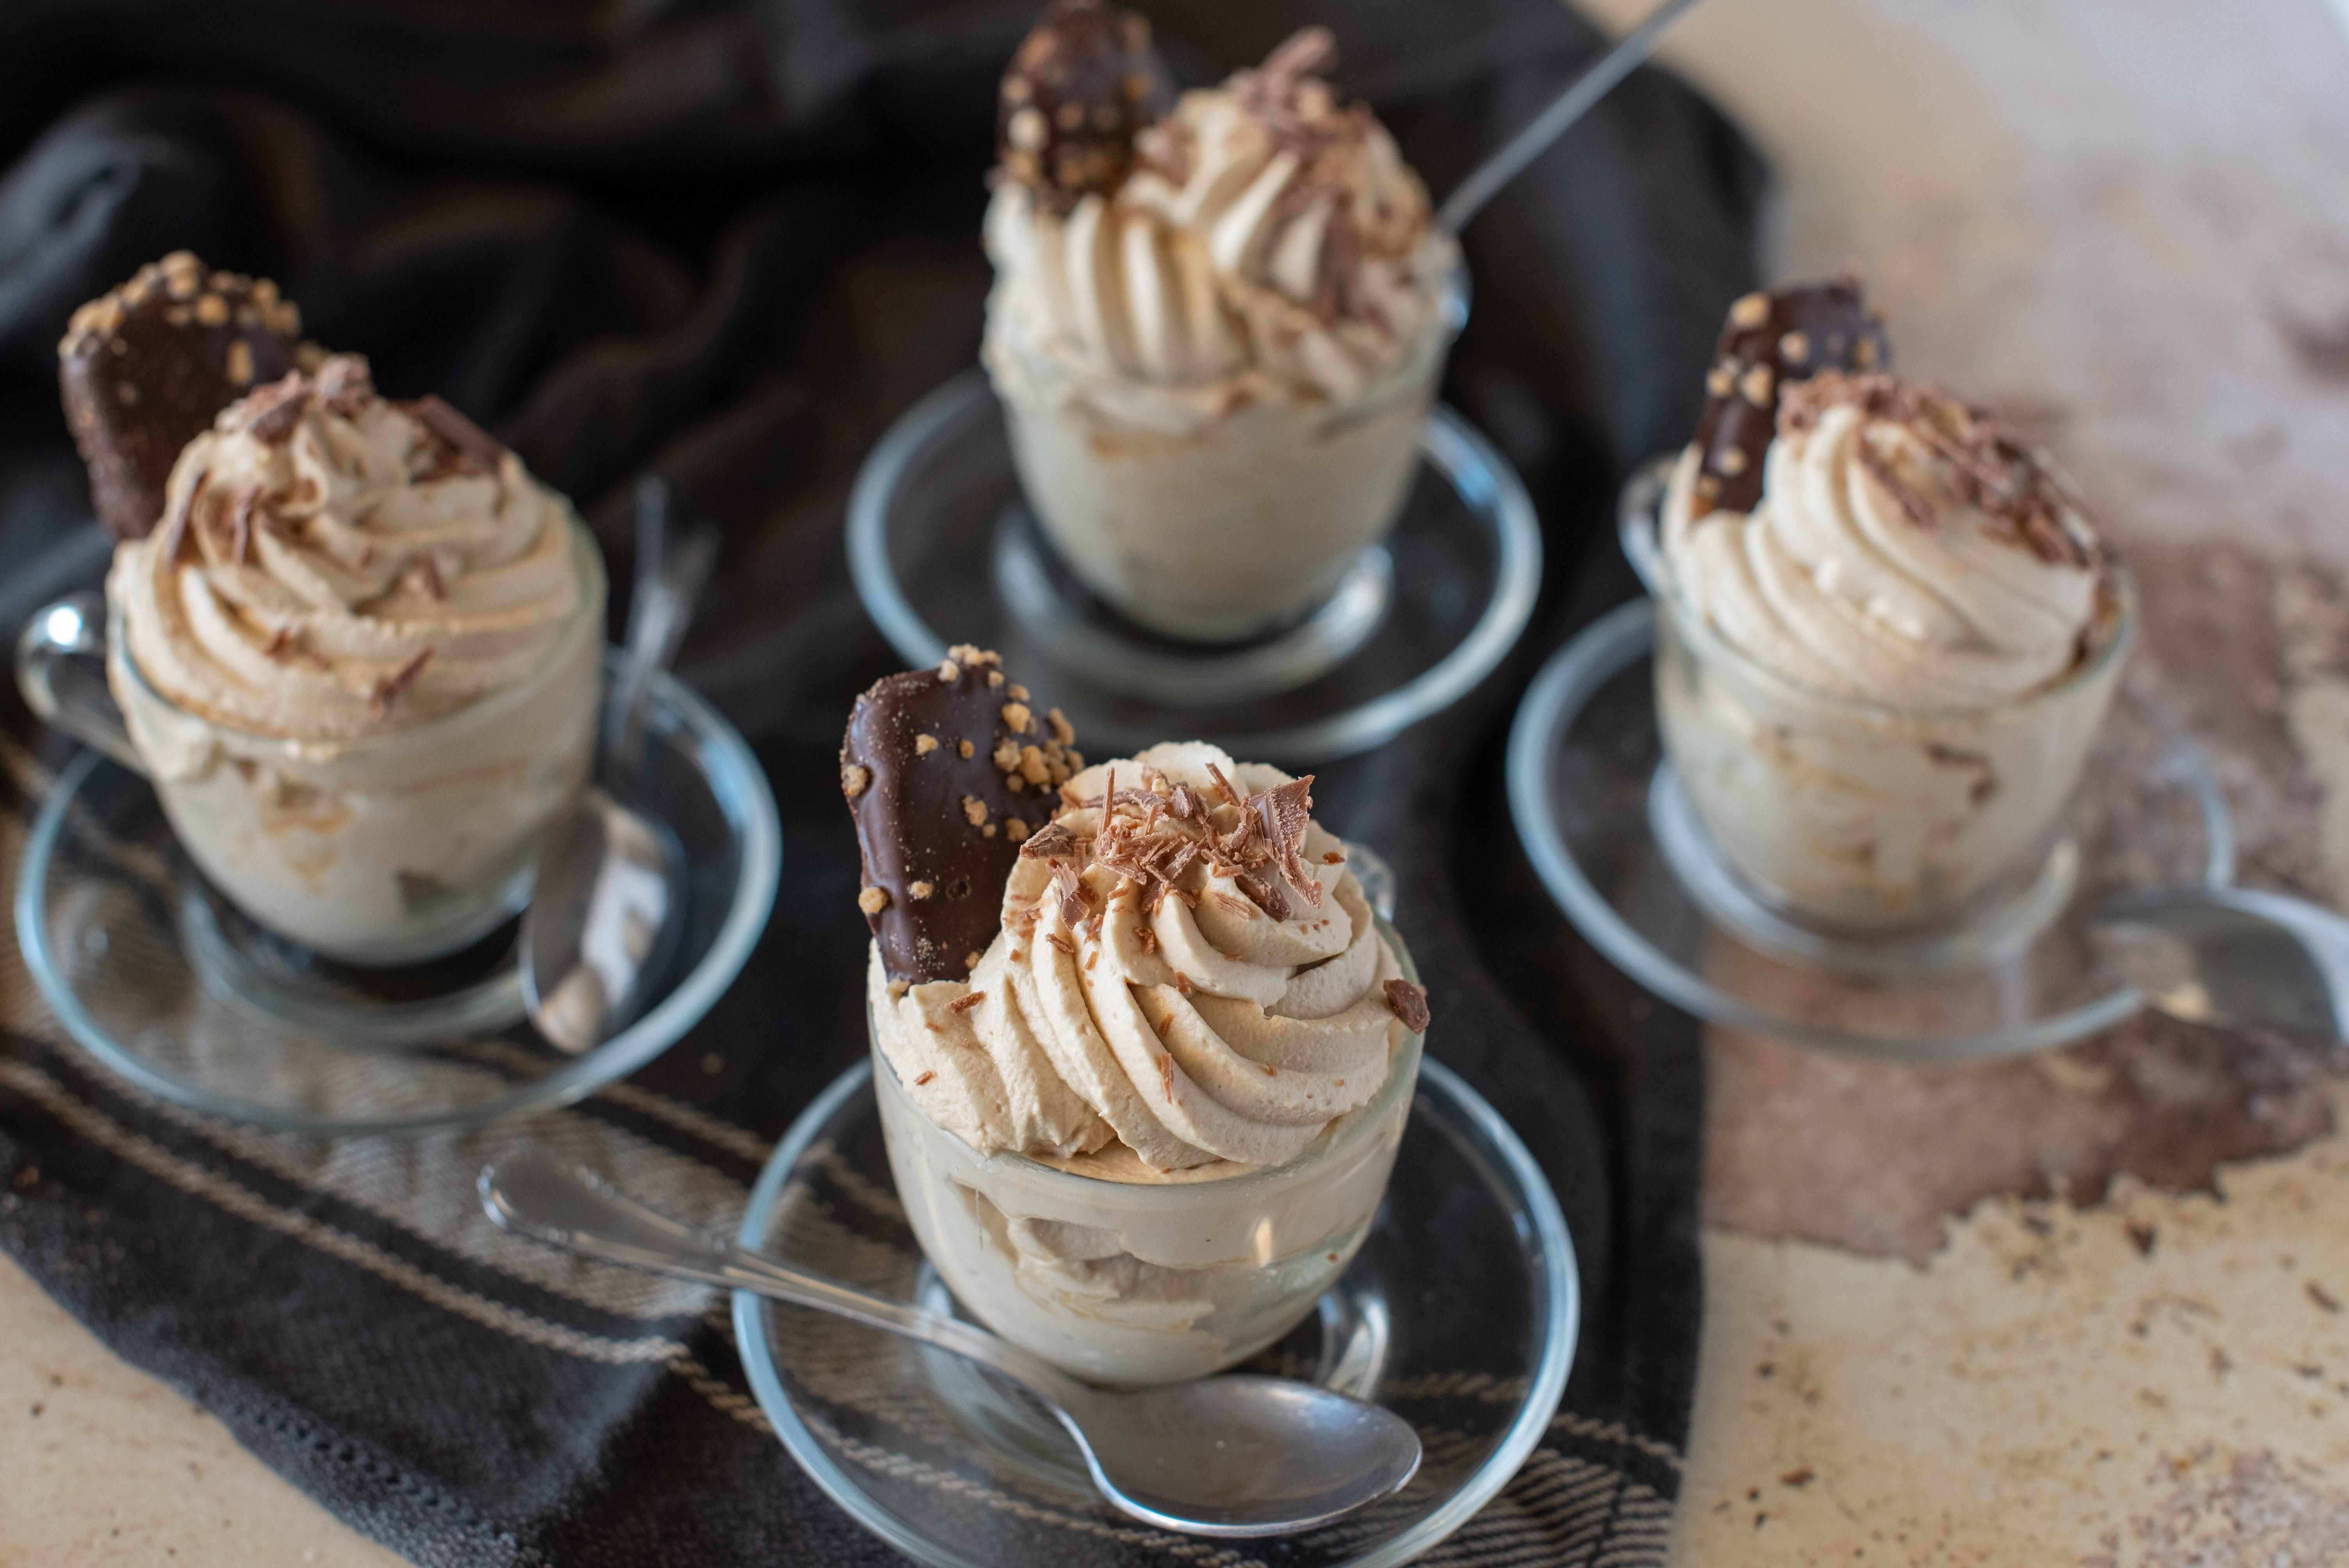 Crema caffè e mascarpone: la ricetta del dolce super veloce con pochissimi ingredienti